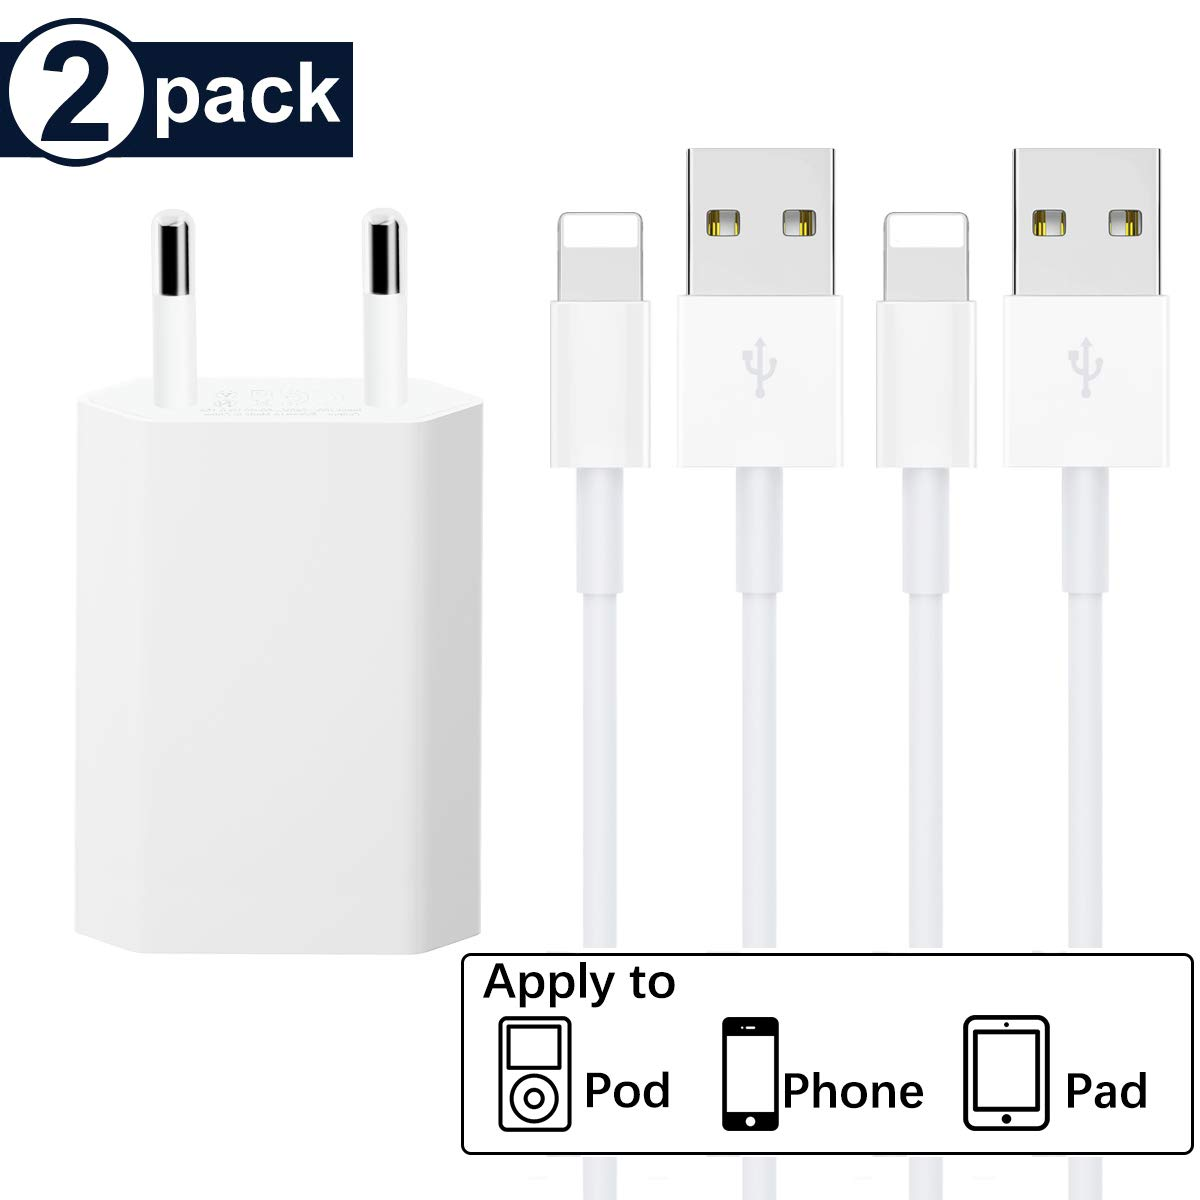 WUXIAN 1* Adaptateur USB Chargeur Secteur 2-Pack 1M Certifi/é MFI C/âbles Compatible avec iPhone XS,XR,XS Max,X,8,8 Plus,7,7 Plus 6s